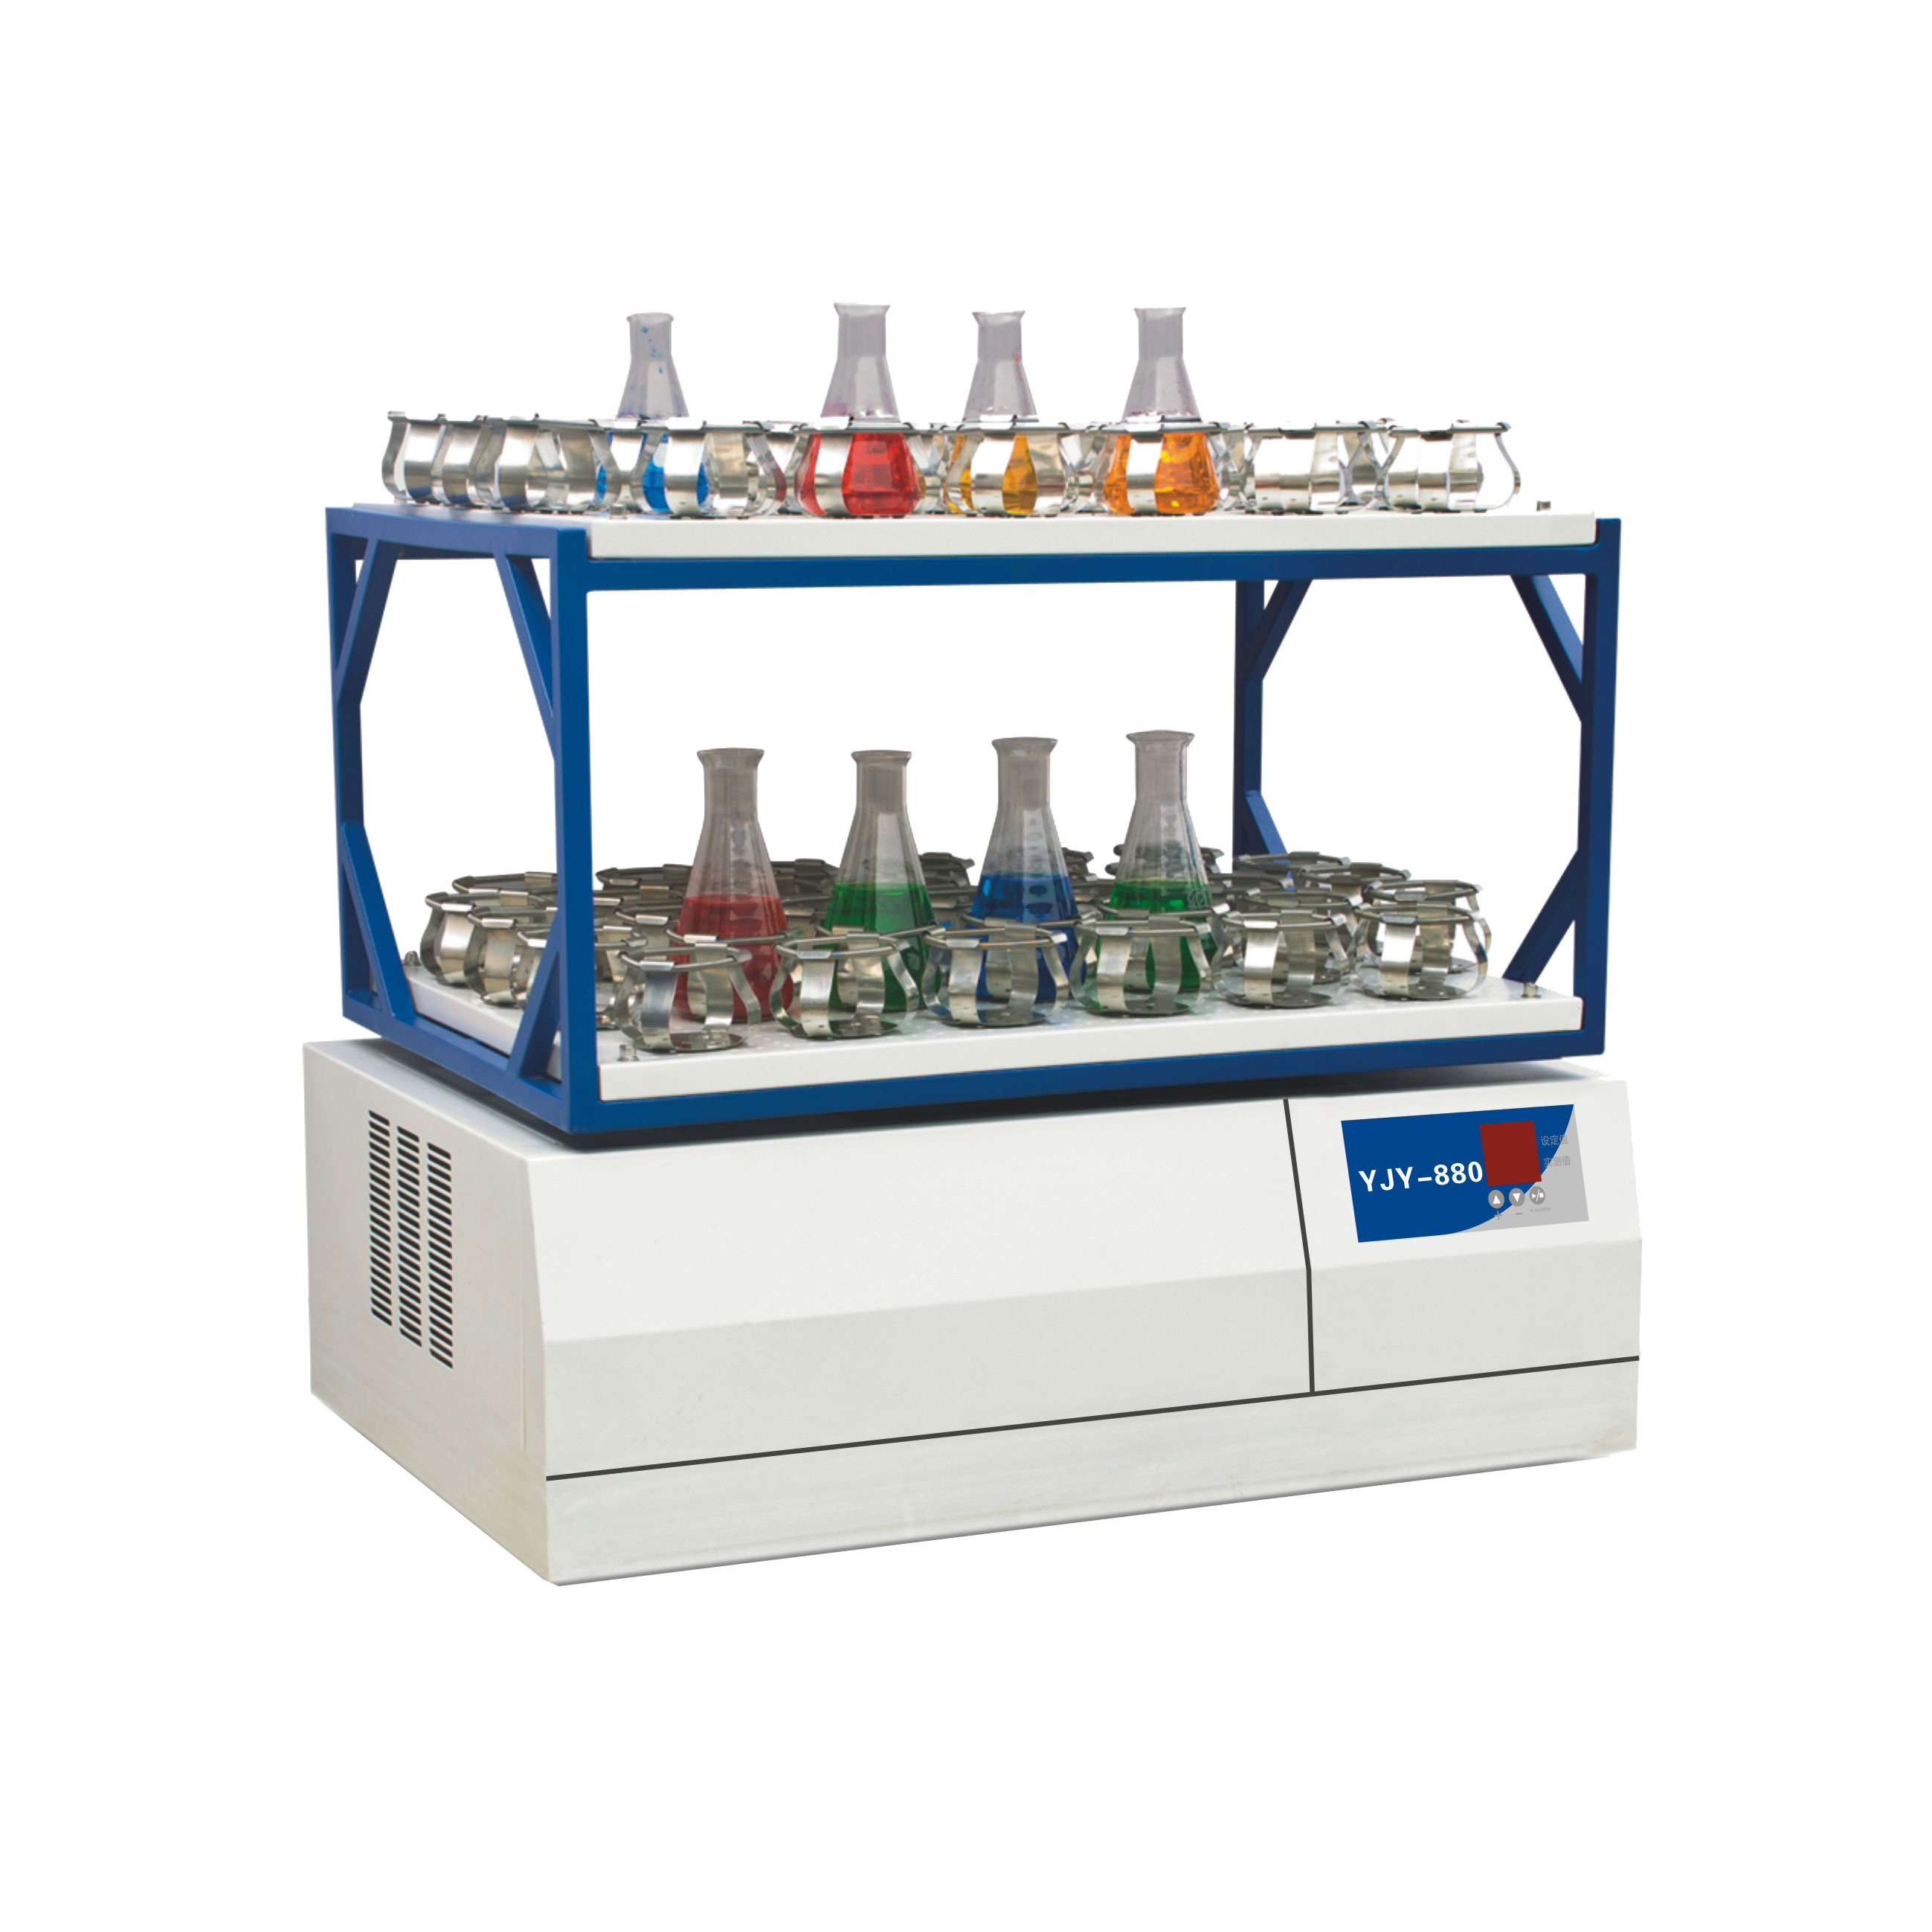 YJY-882F敞开式振荡器(摇瓶机)_上海跃进医疗器械有限公司